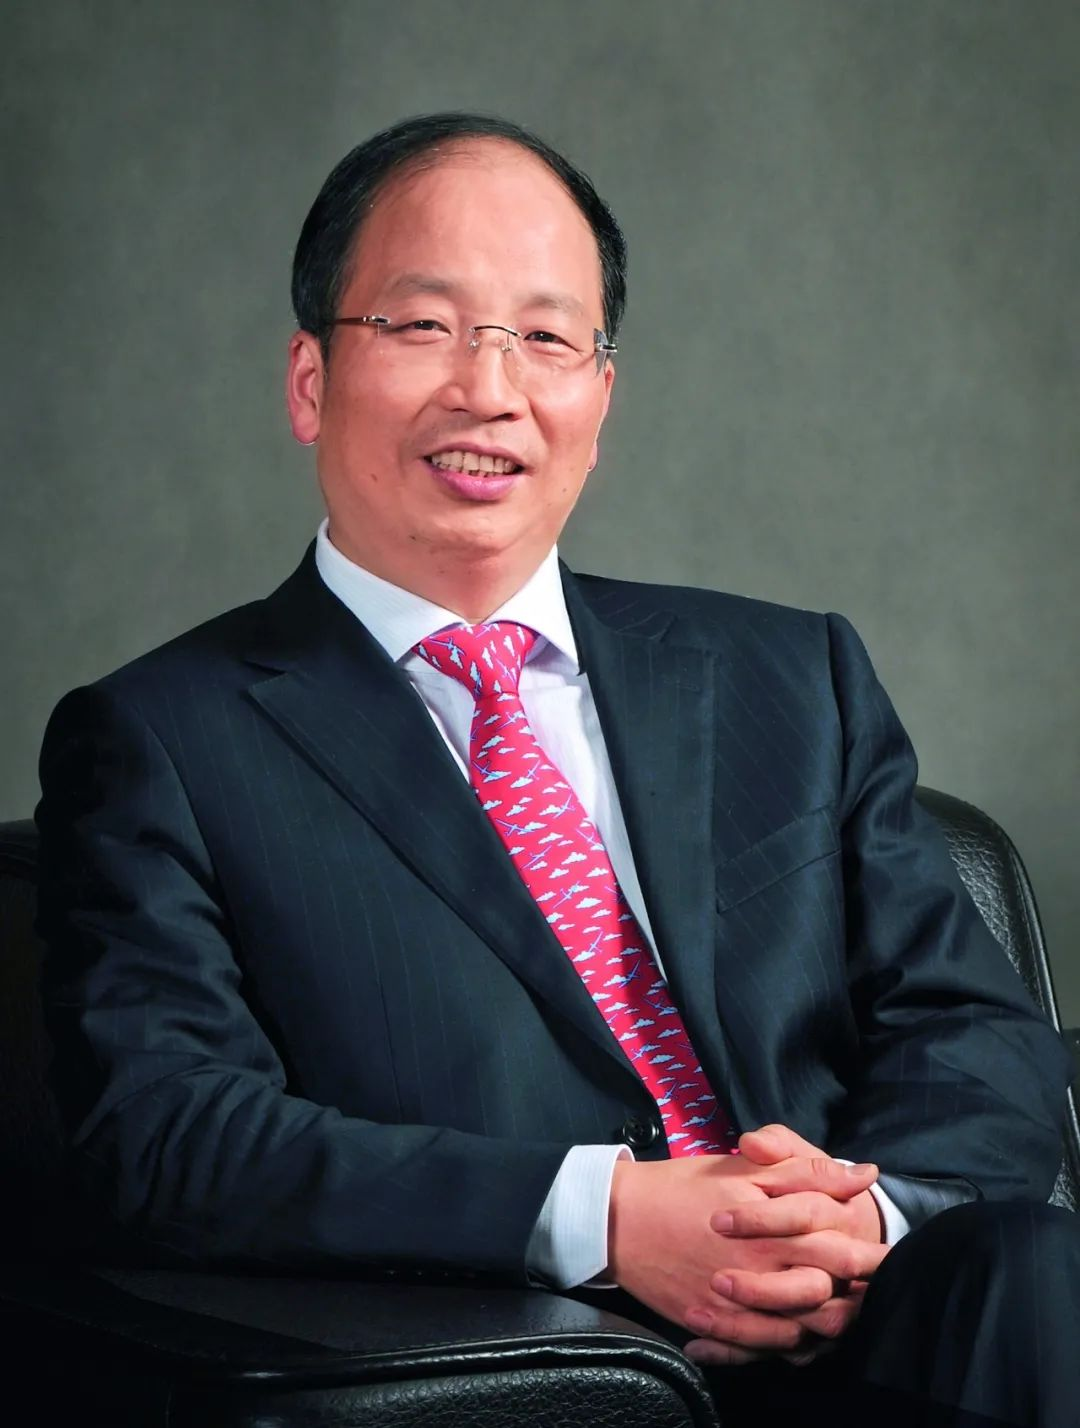 《中国金融》70年 • 70人特别谈|易会满谈重构银行资产负债表